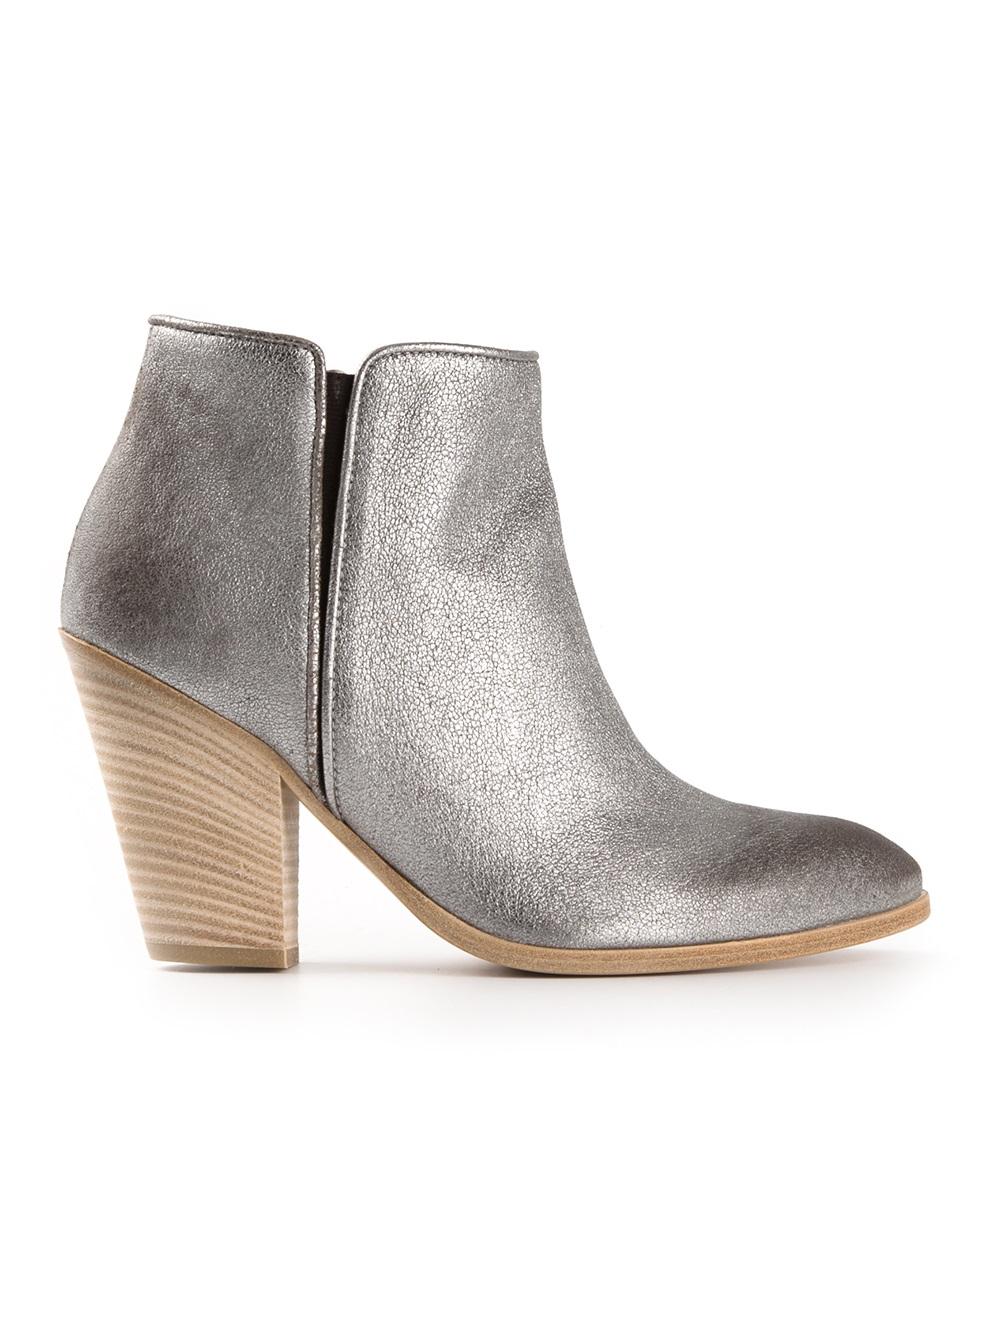 Rachel Shoes Black Boots